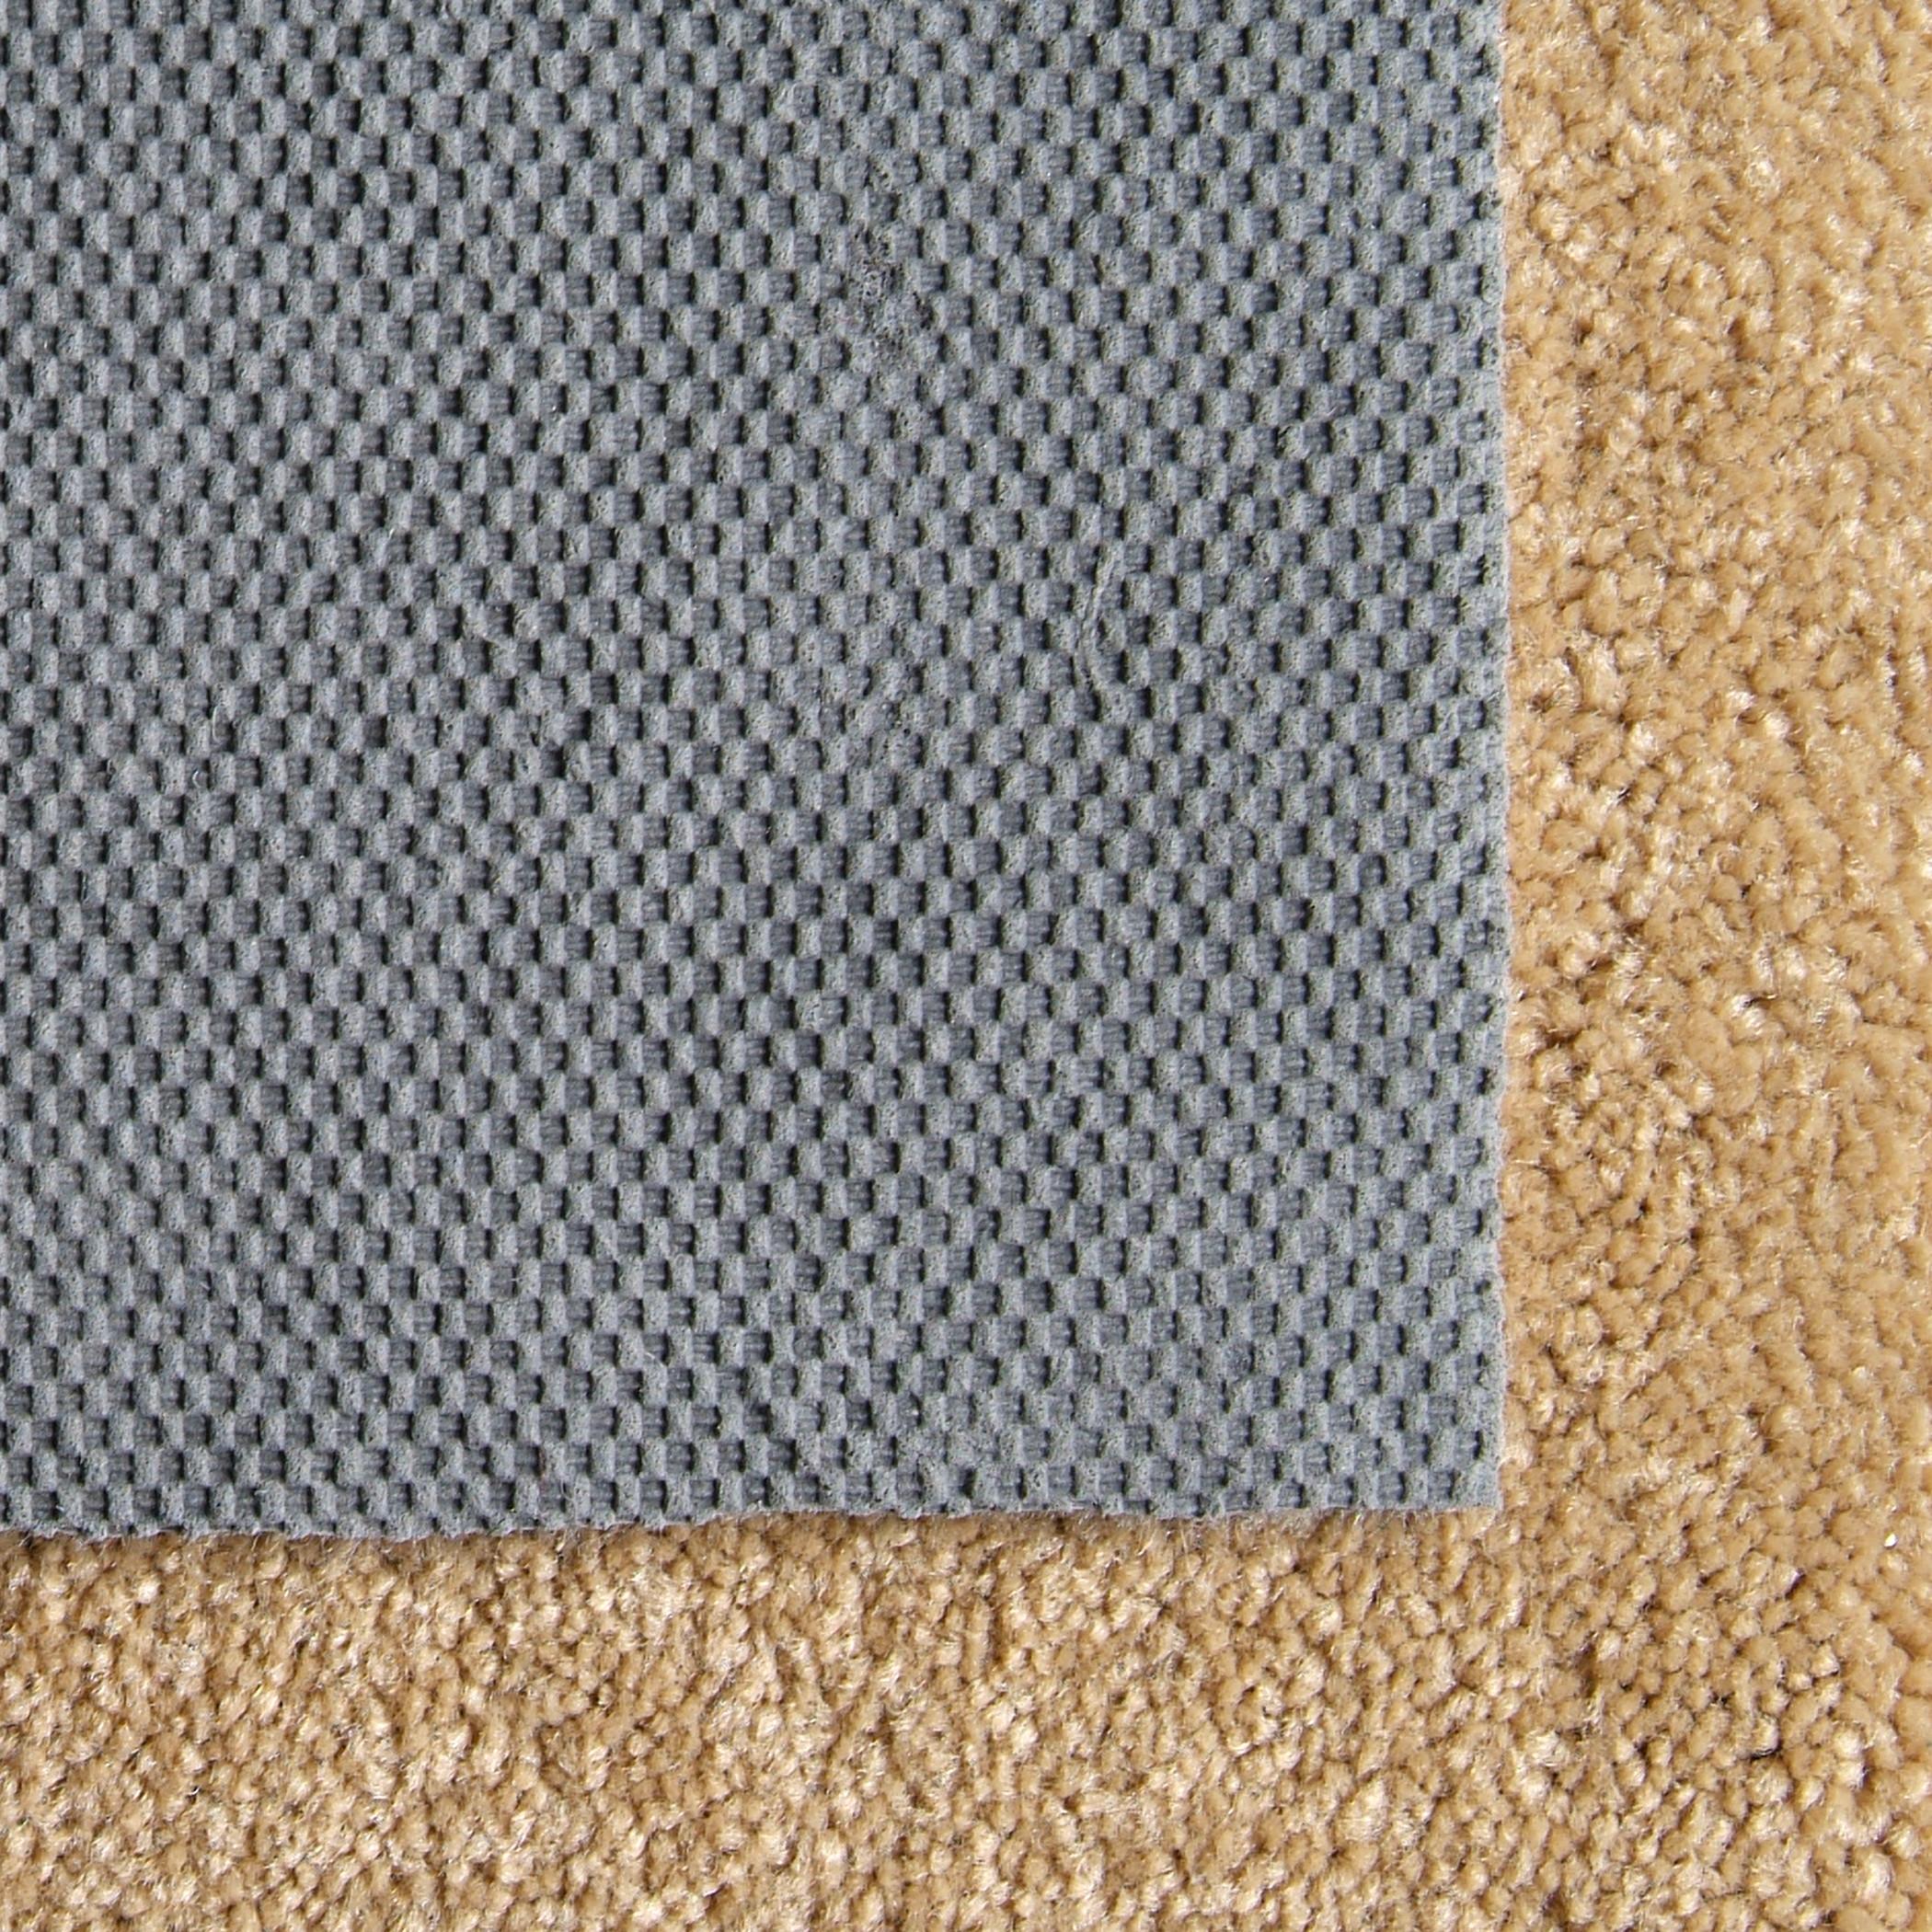 Rug Slip Pads Roselawnlutheran Regarding Non Slip Rugs (View 6 of 15)